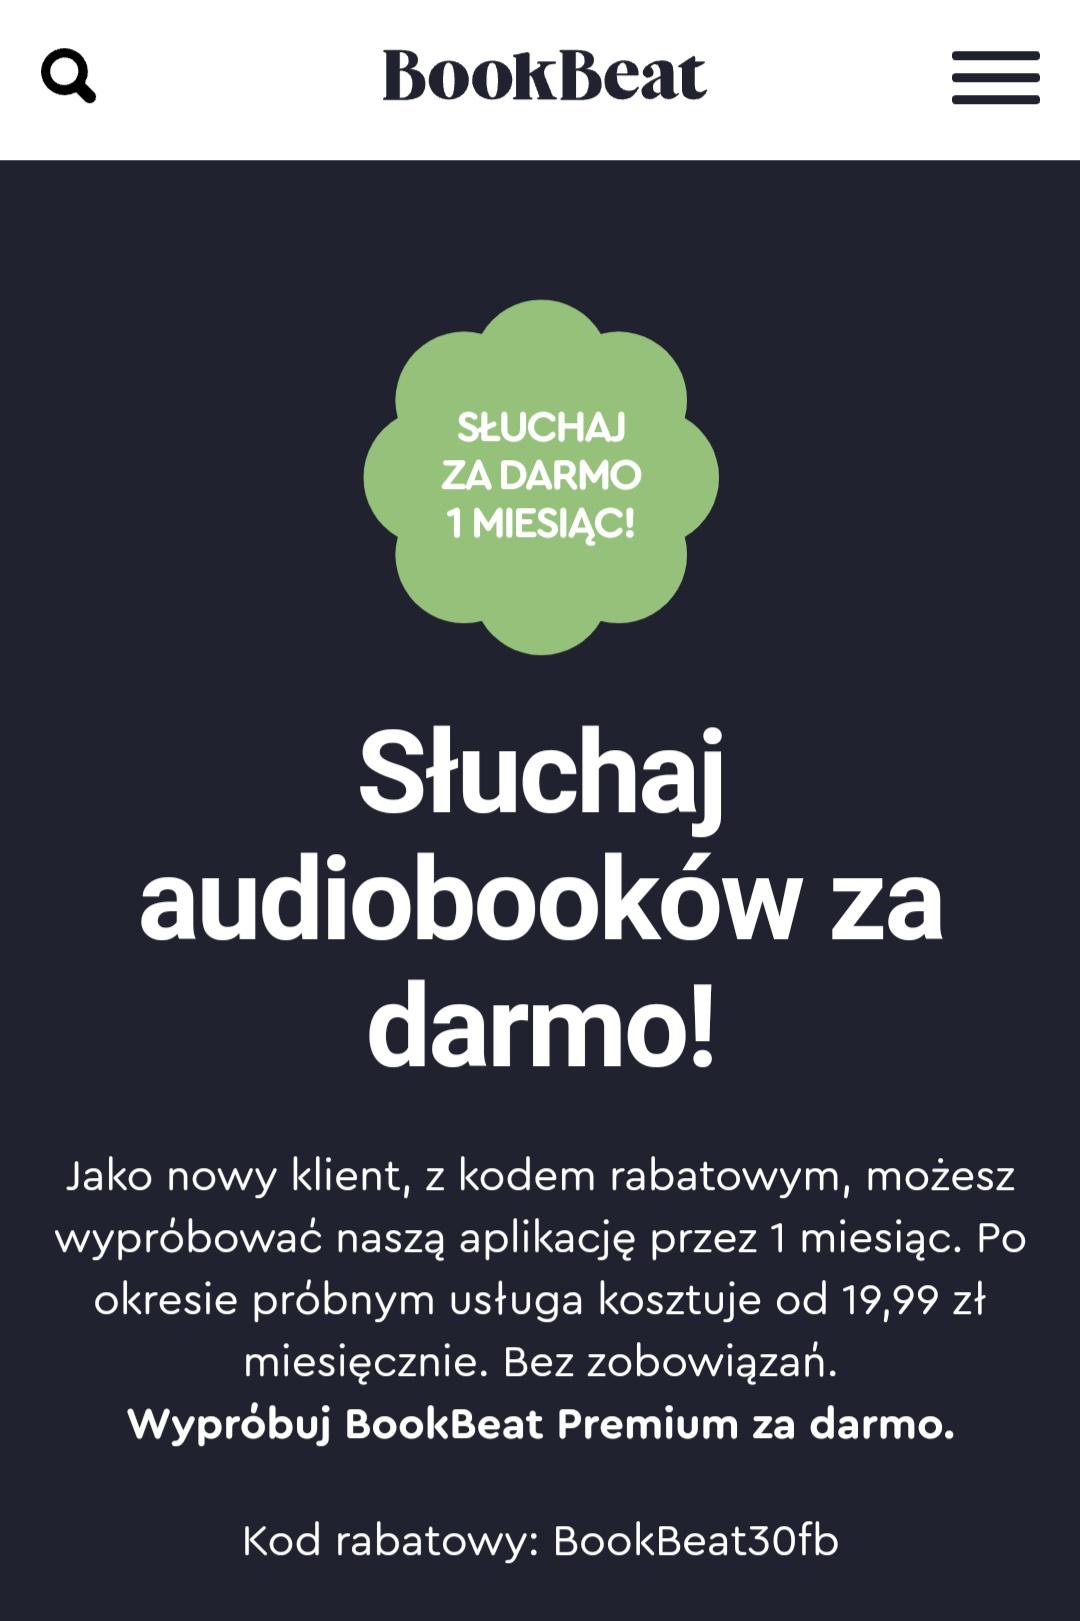 BookBeat.pl audiobooki za darmo przez 30 dni